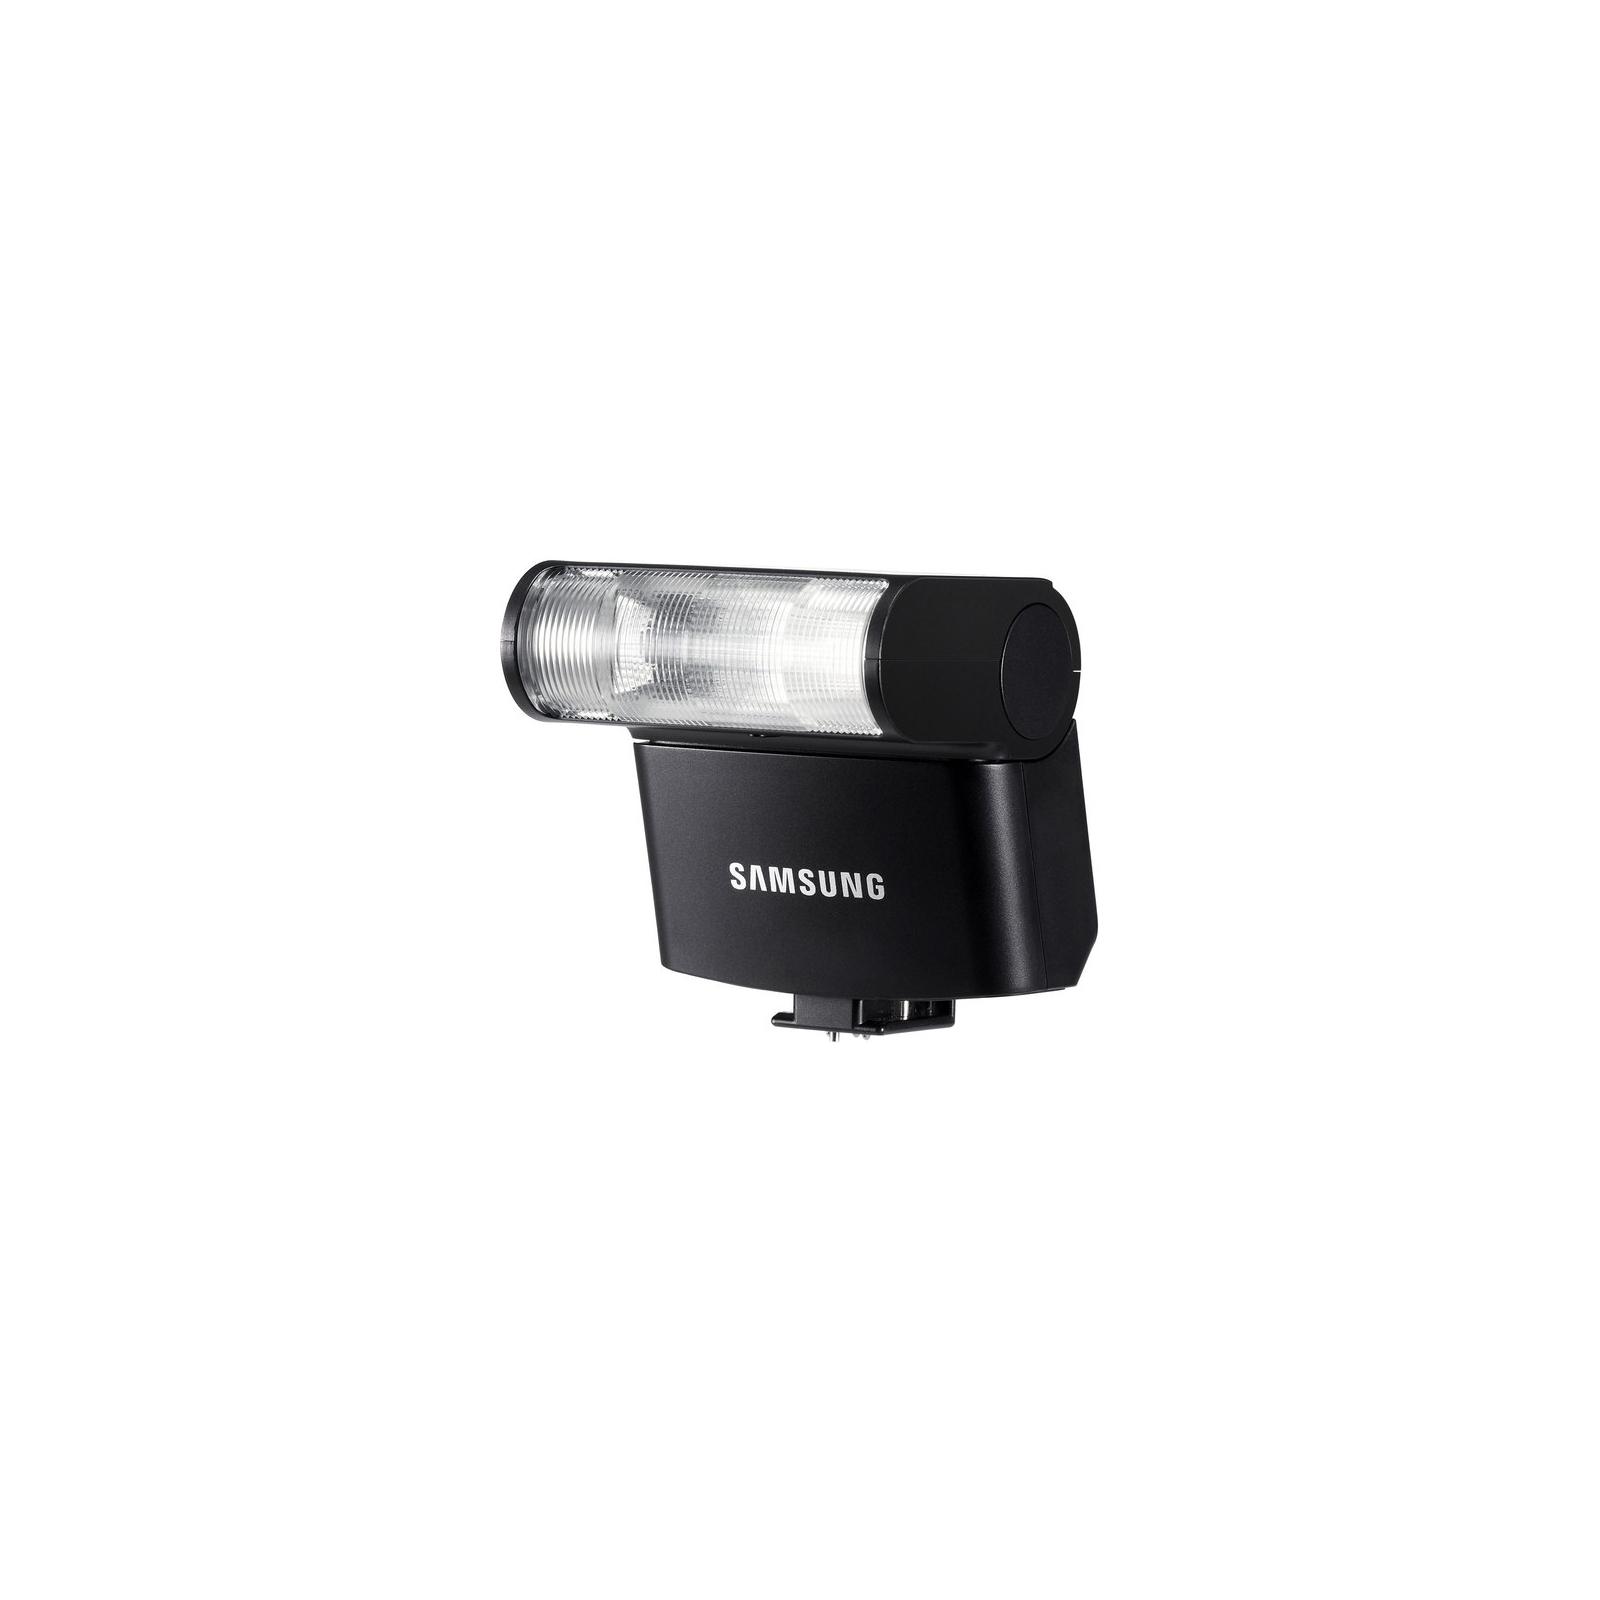 Вспышка Samsung Flash ED-SEF220A (ED-SEF220A) изображение 2